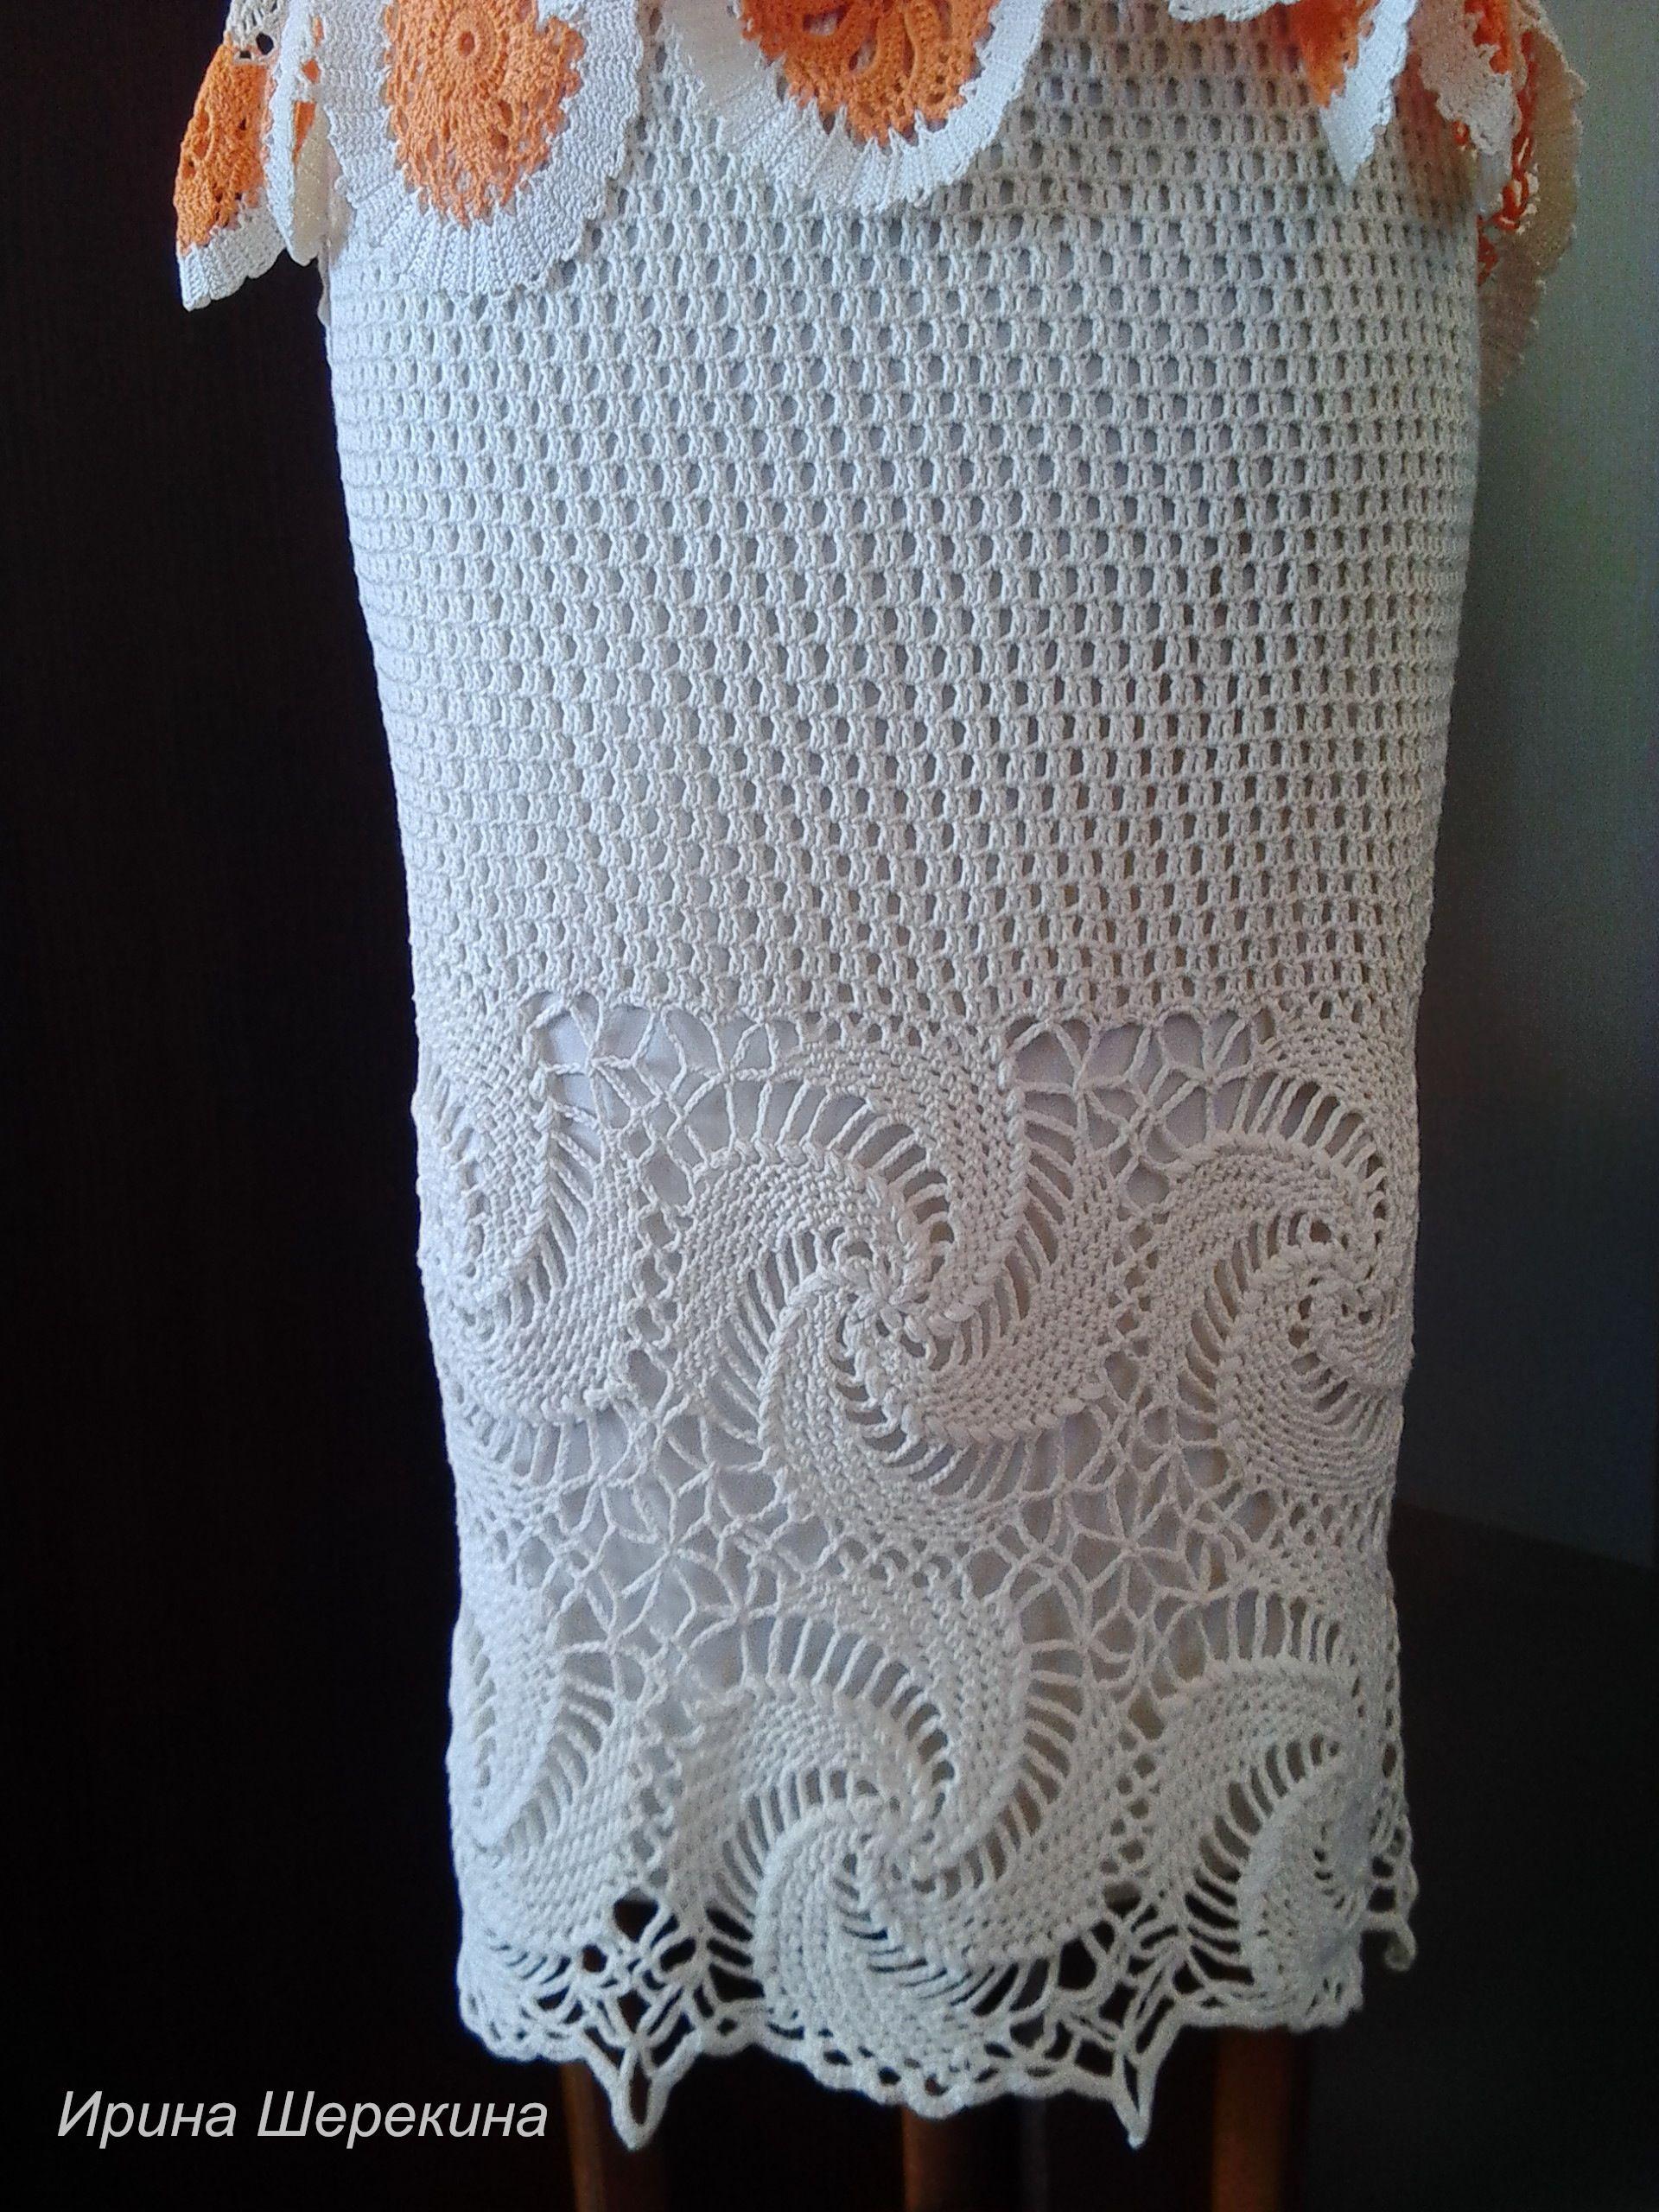 эксклюзивная одежда кардиган вязание кружево винтаж оригинальная кофта юбка